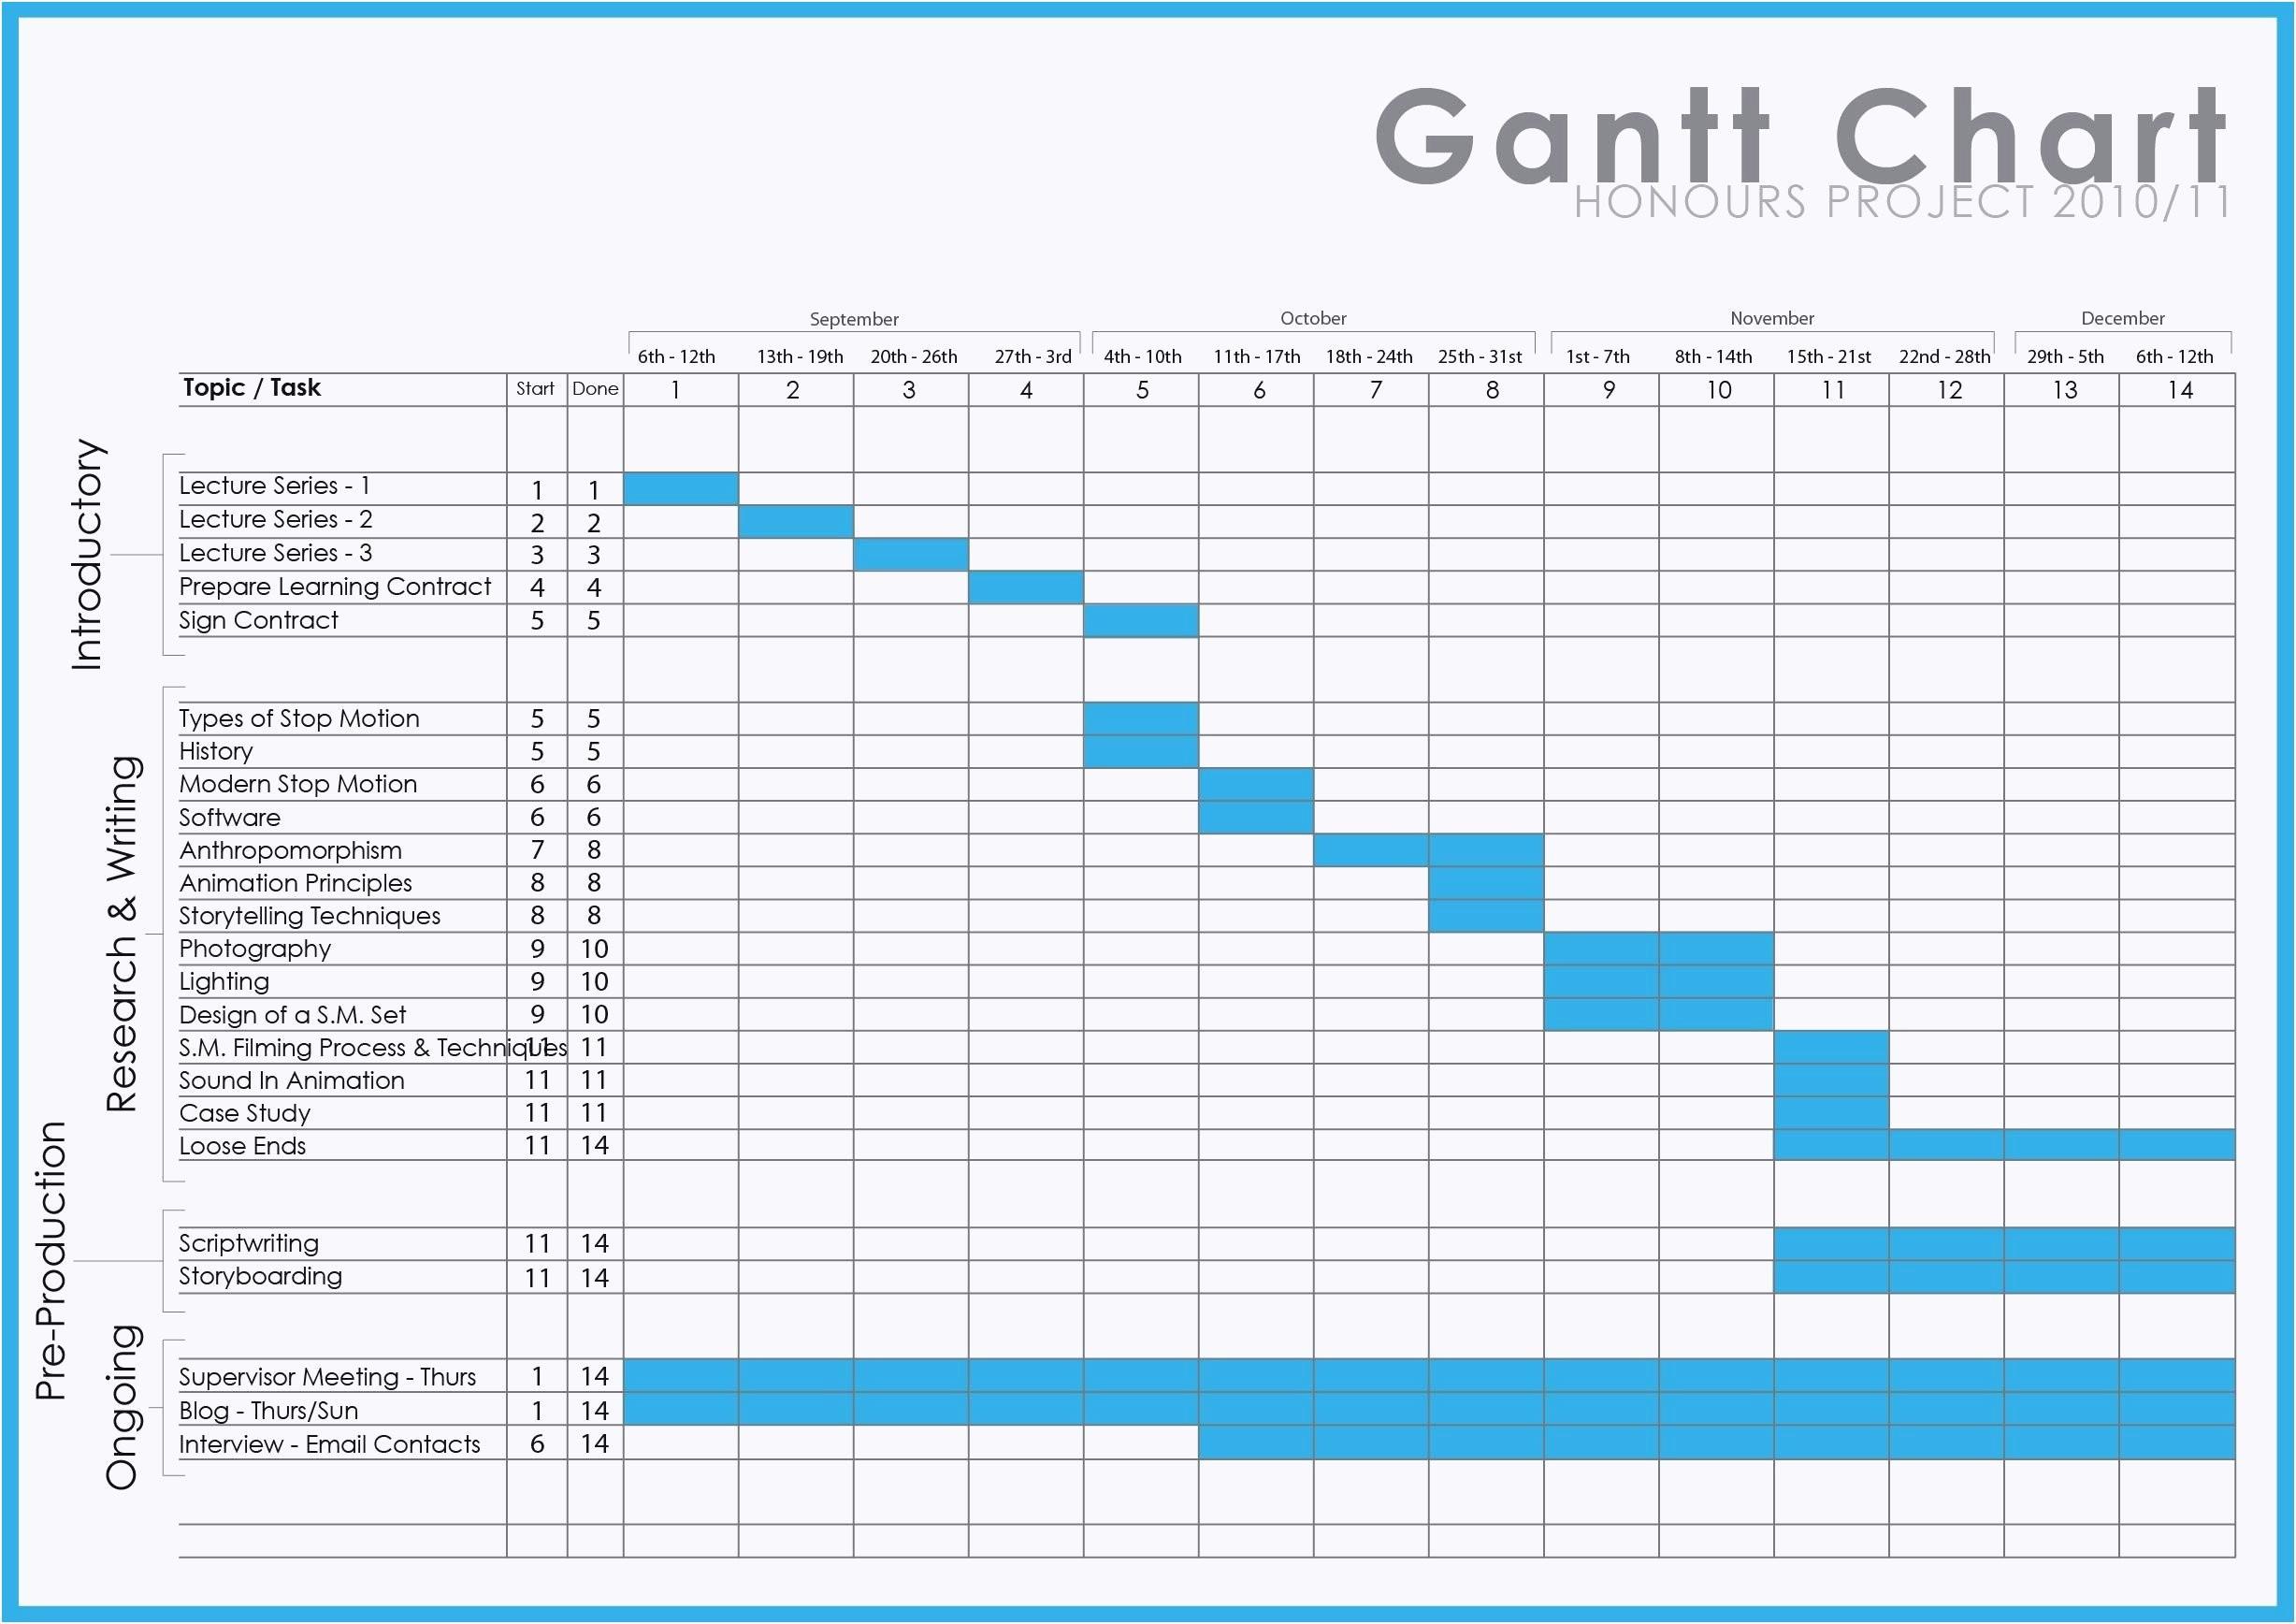 30 Inspirational Gantt Chart Excel Template Download   Free Chart With Simple Gantt Chart Template